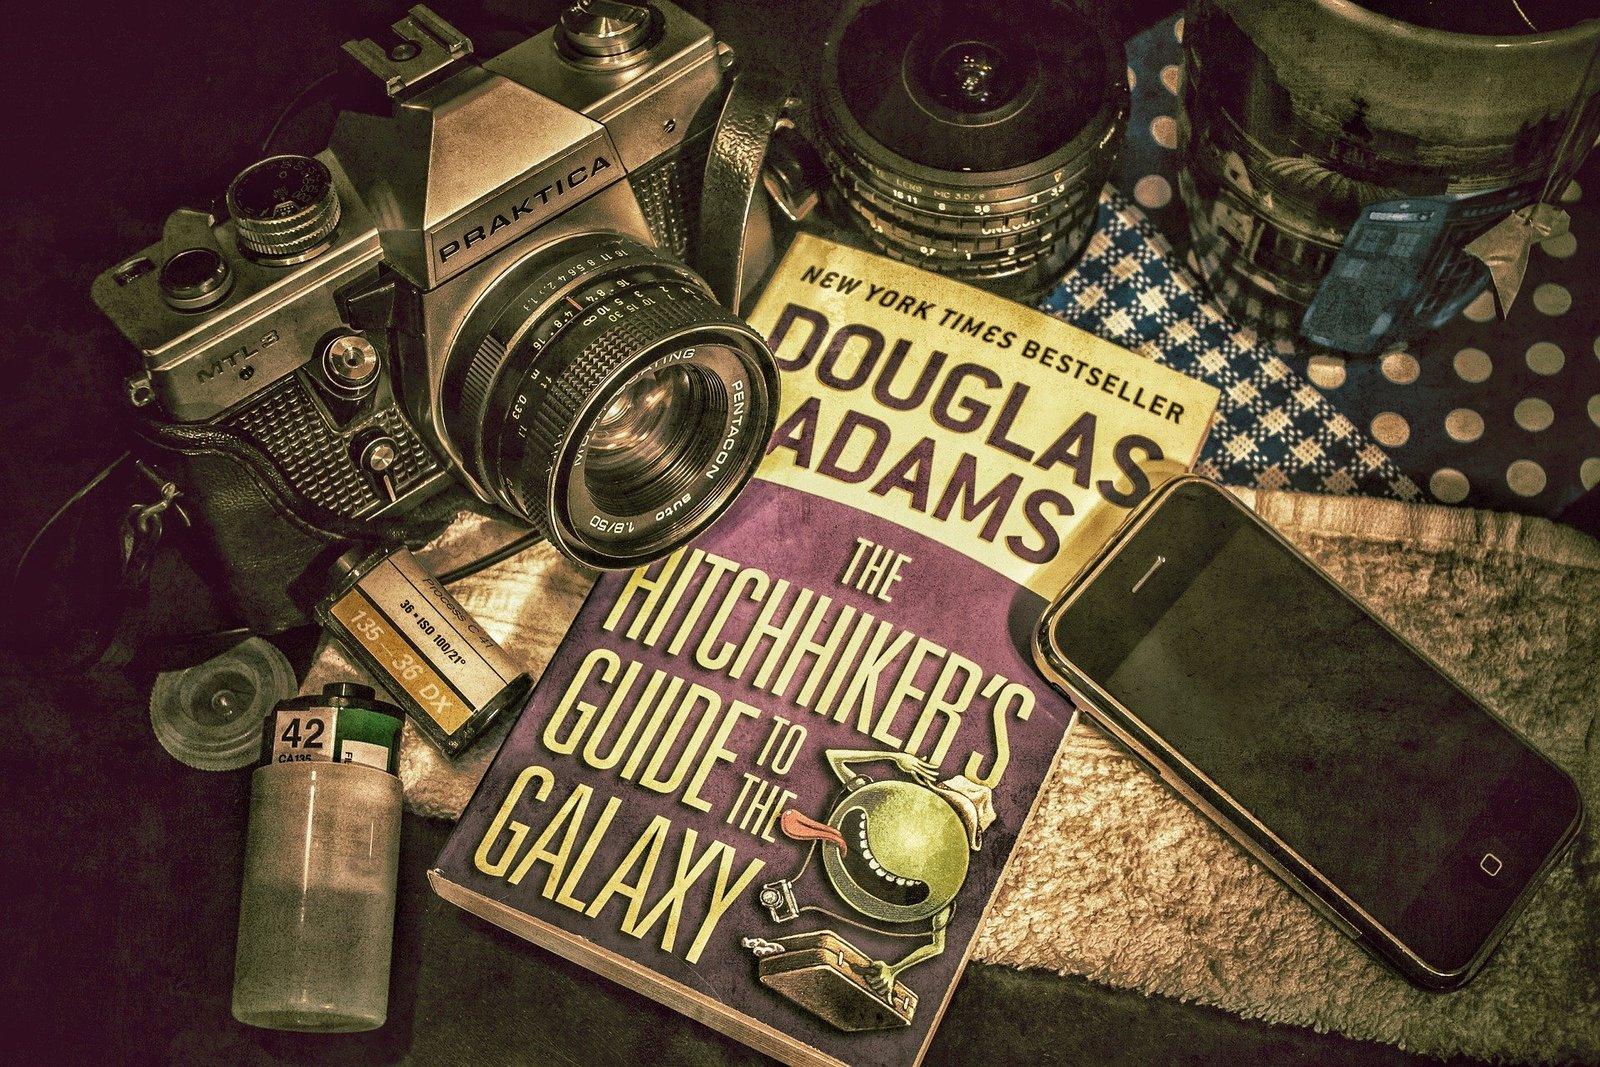 El día de la toalla conmemora la vida y obra de Douglas Adams.